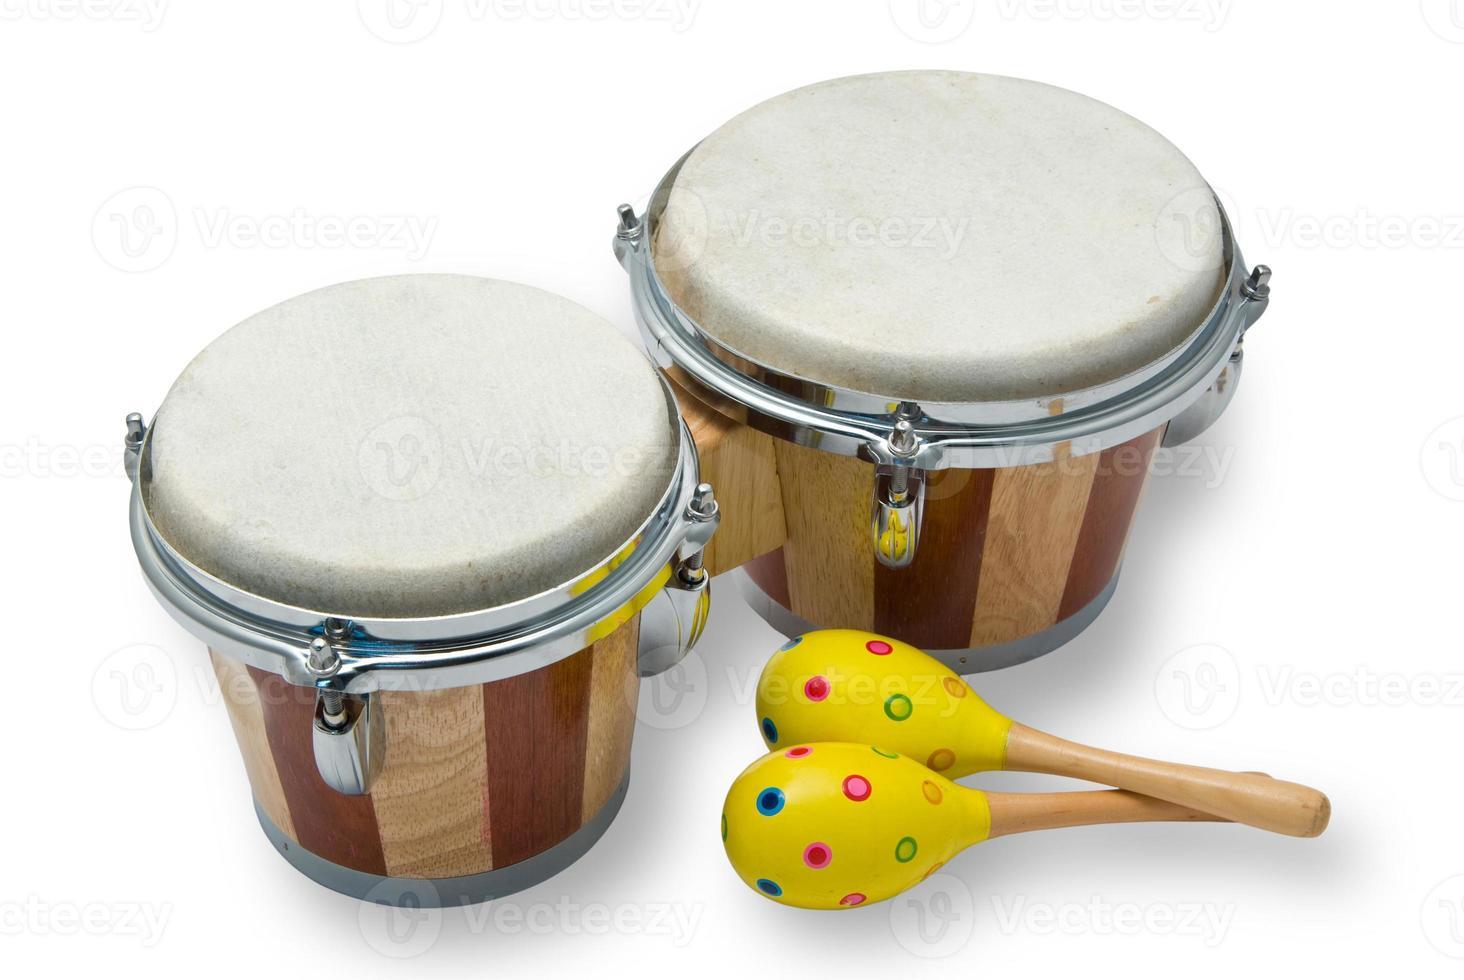 tambours bongo et maracas isolés sur blanc photo